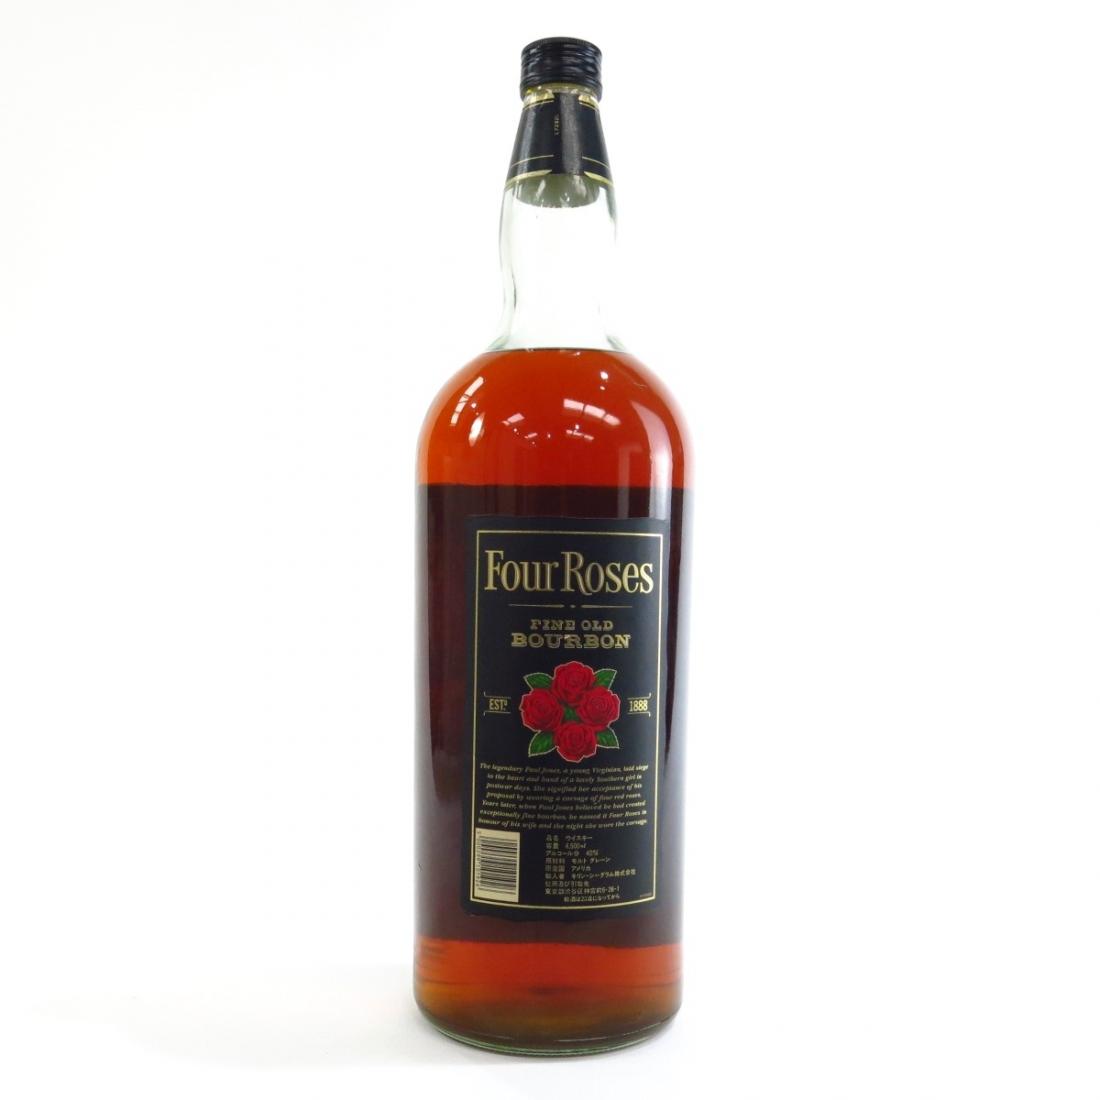 Four Roses Kentucky Straight Bourbon 4.5 Litre / Japanese Import